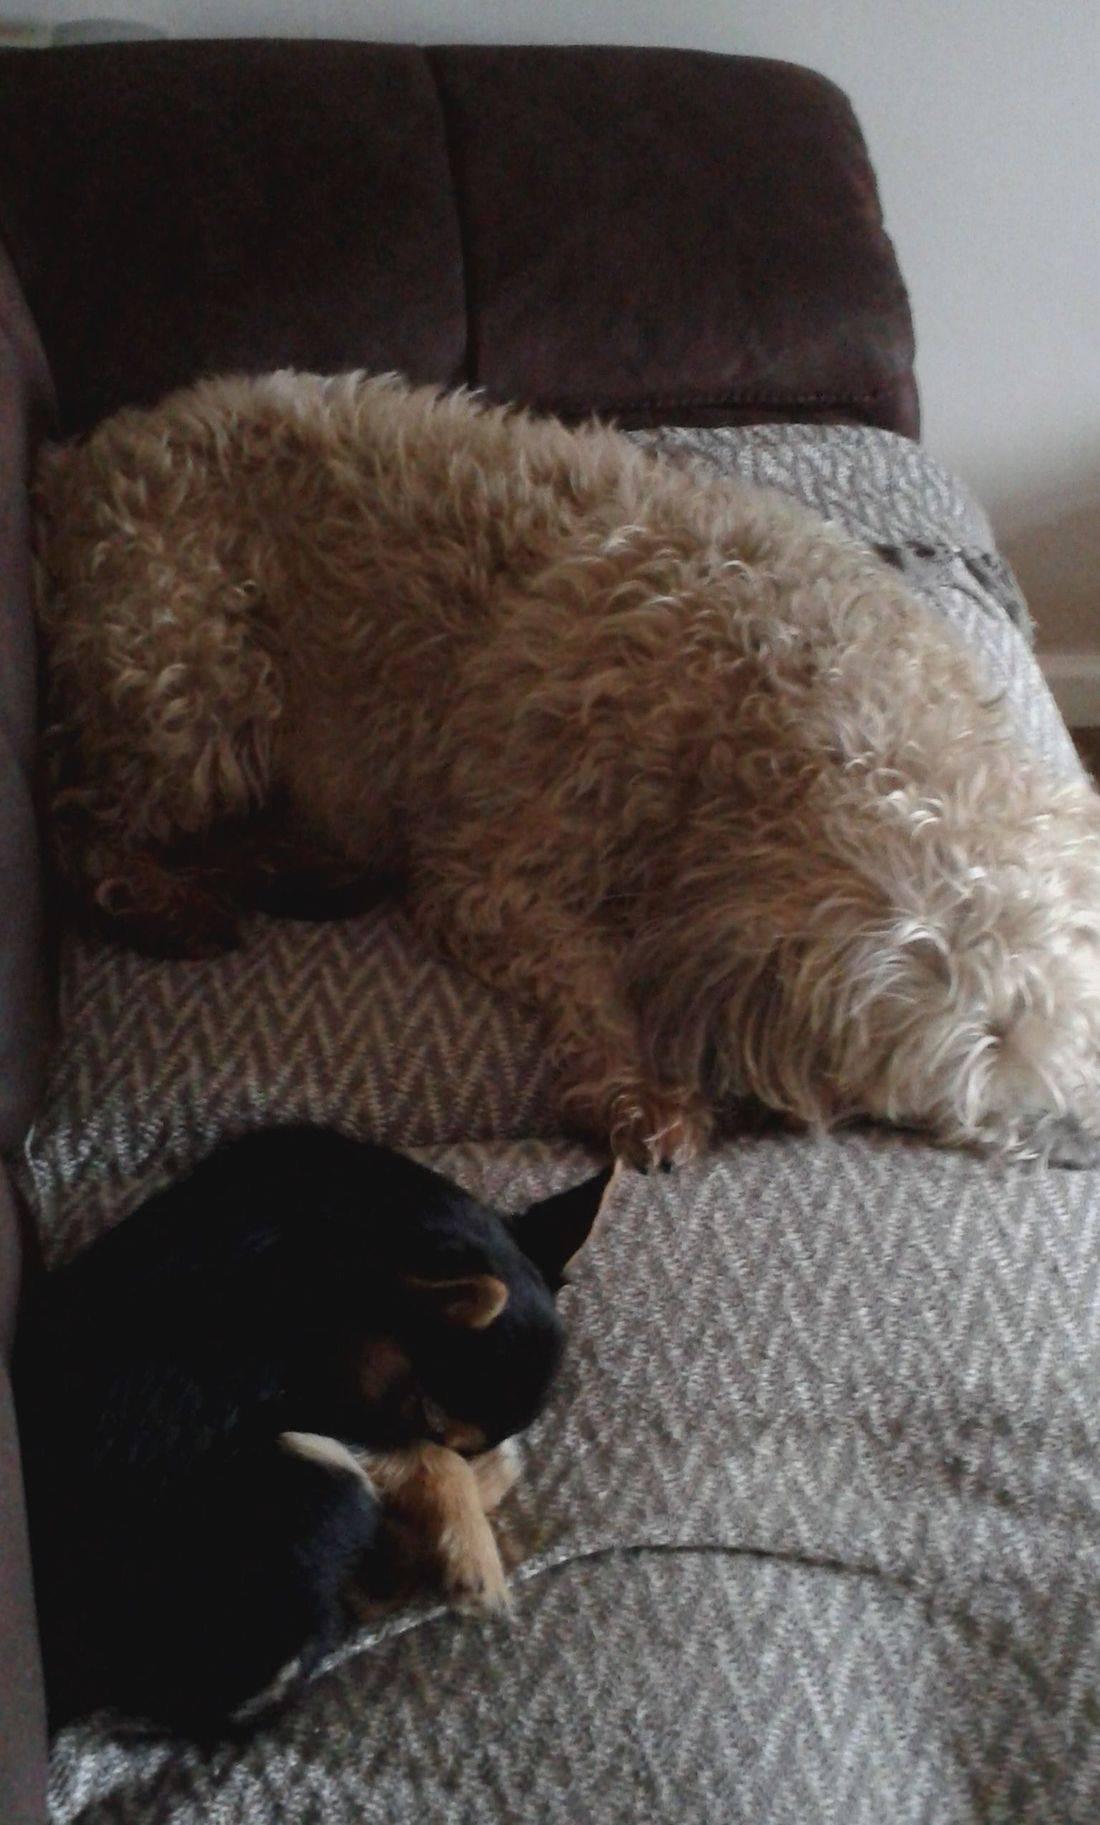 Dog sleeping on the sofa